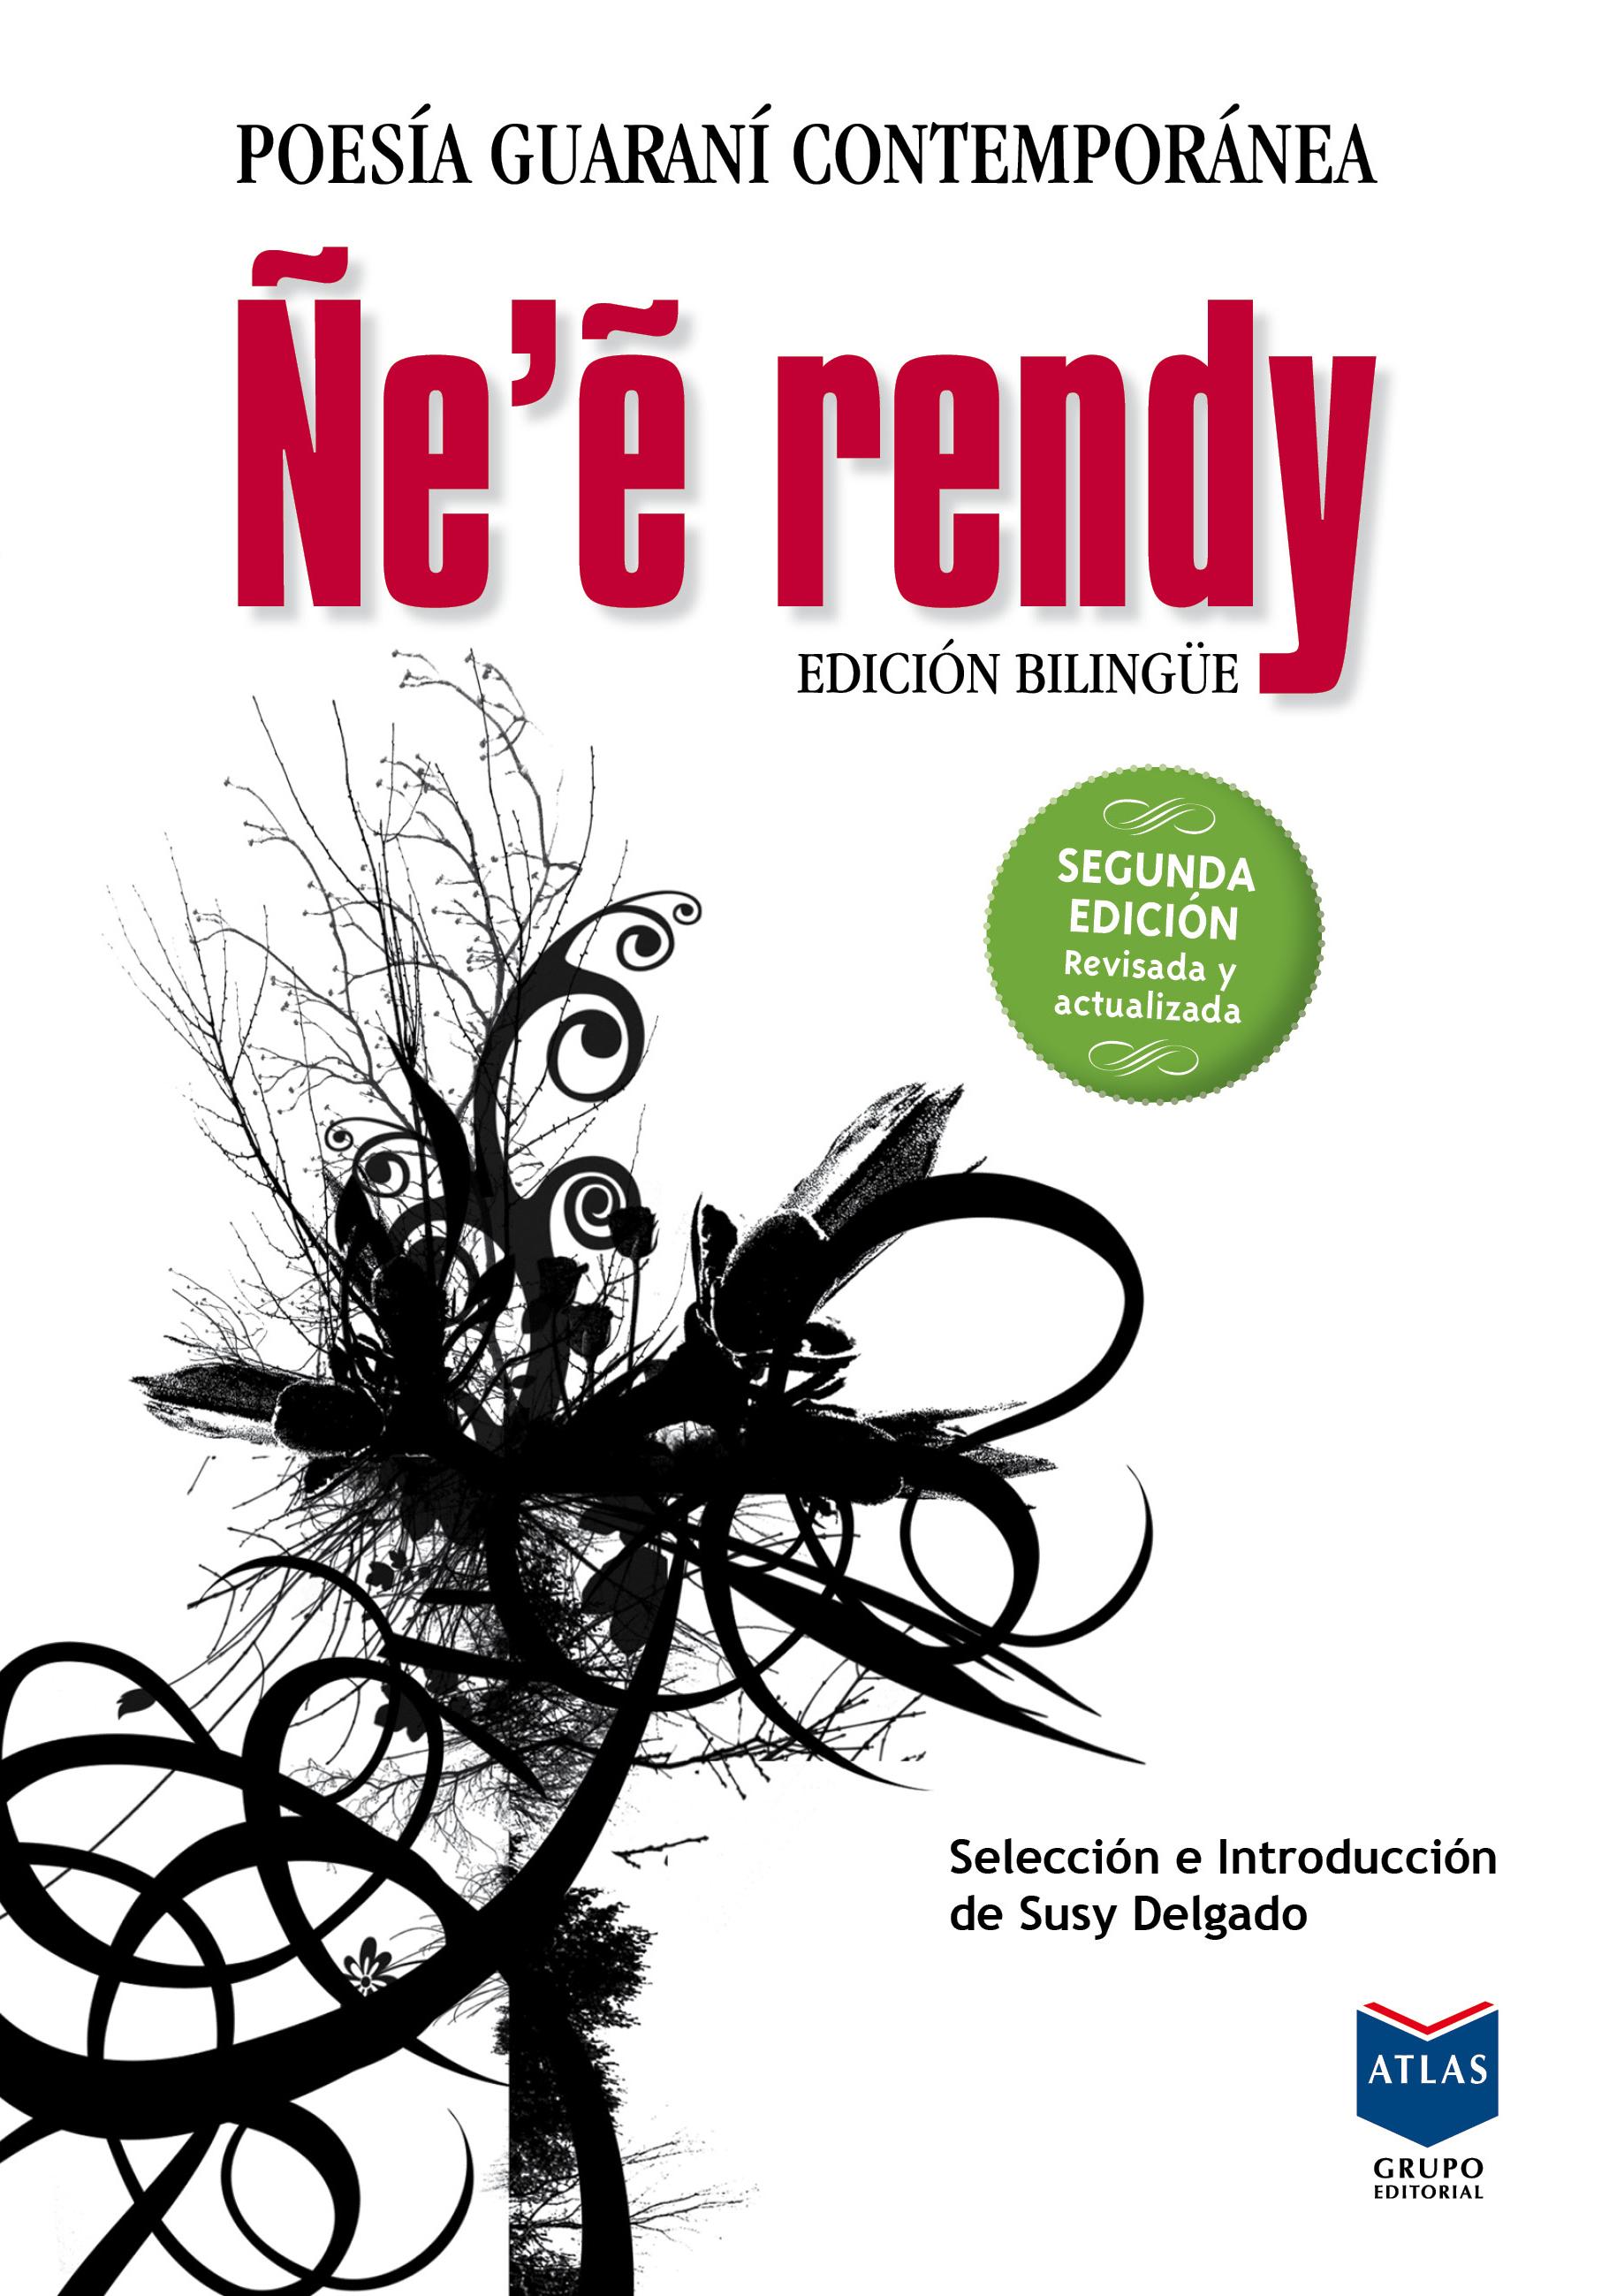 Lanzaron Antología de poesía guaraní en una edición ampliada imagen